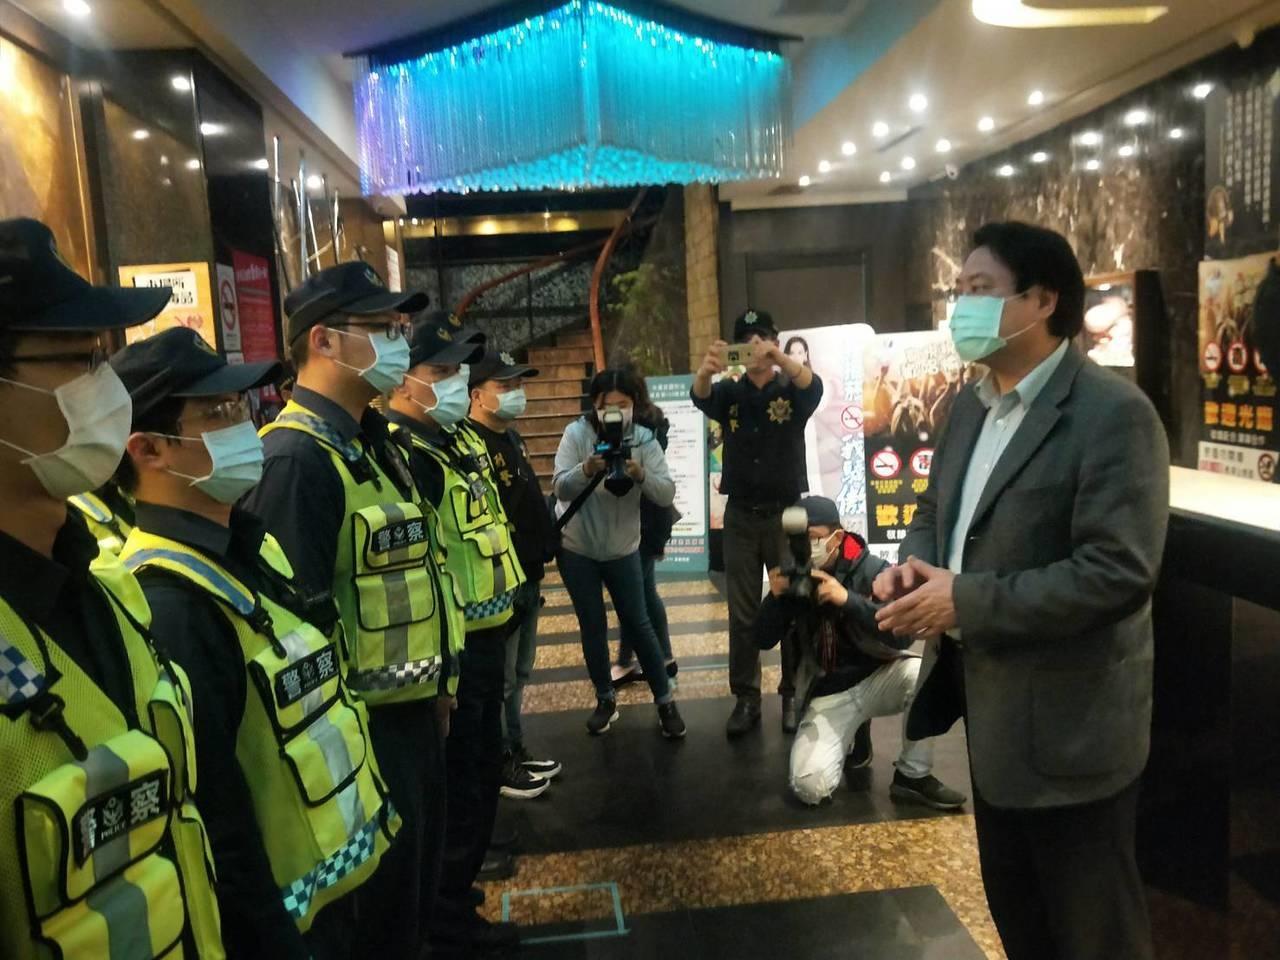 基隆KTV臨檢警察比客人多,林右昌:唱歌時戴上口罩。記者游明煌/攝影